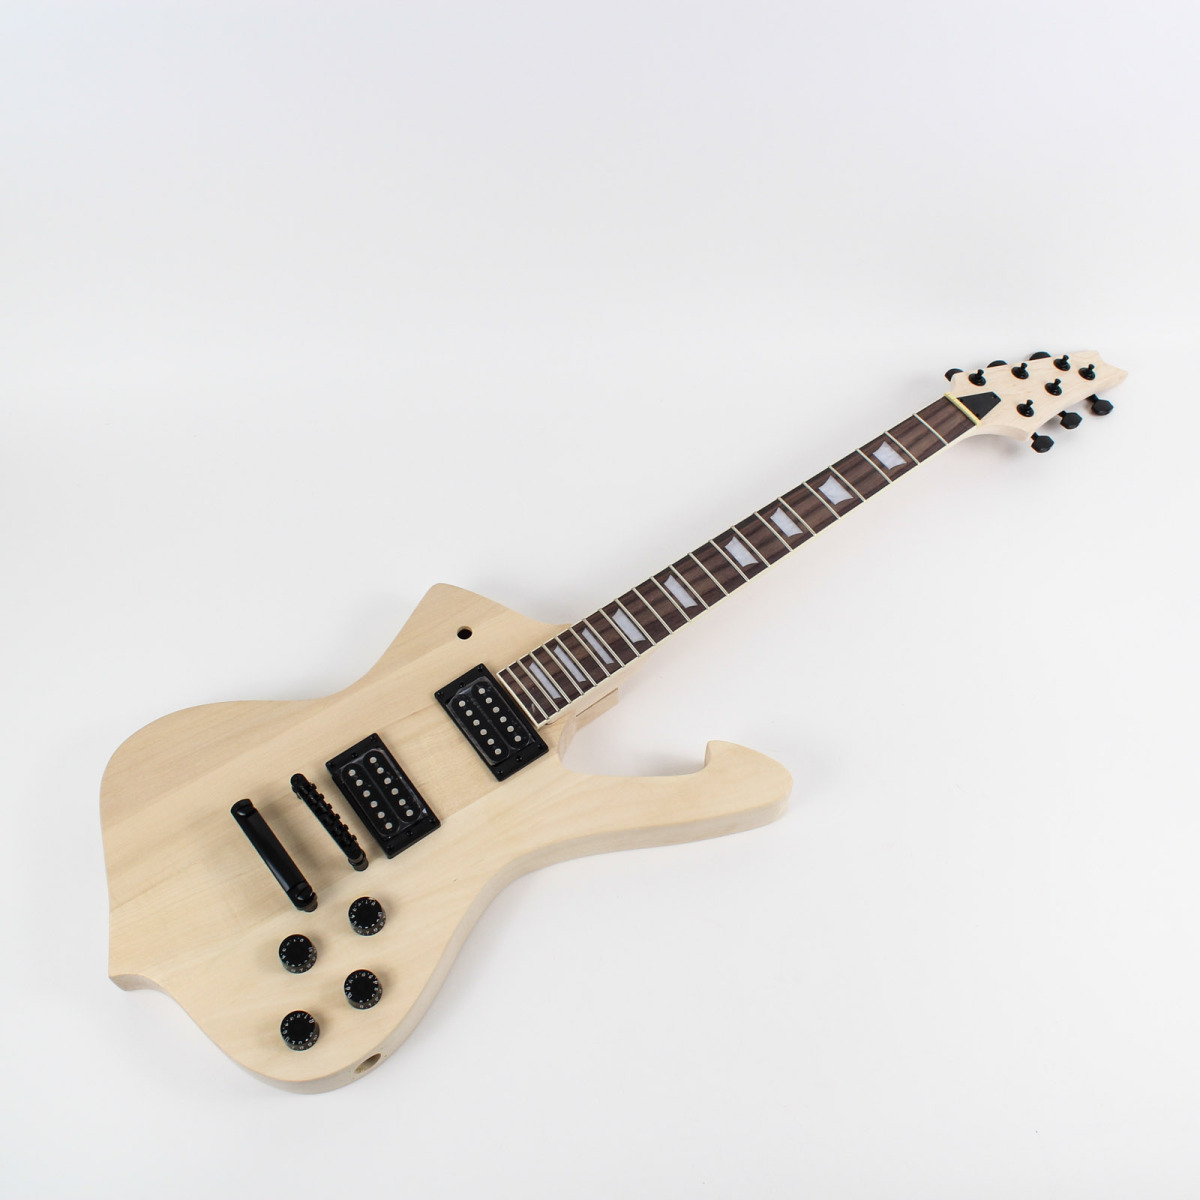 Ibanez Iceman Guitars : ibanez iceman style guitar kit diy guitars ~ Russianpoet.info Haus und Dekorationen